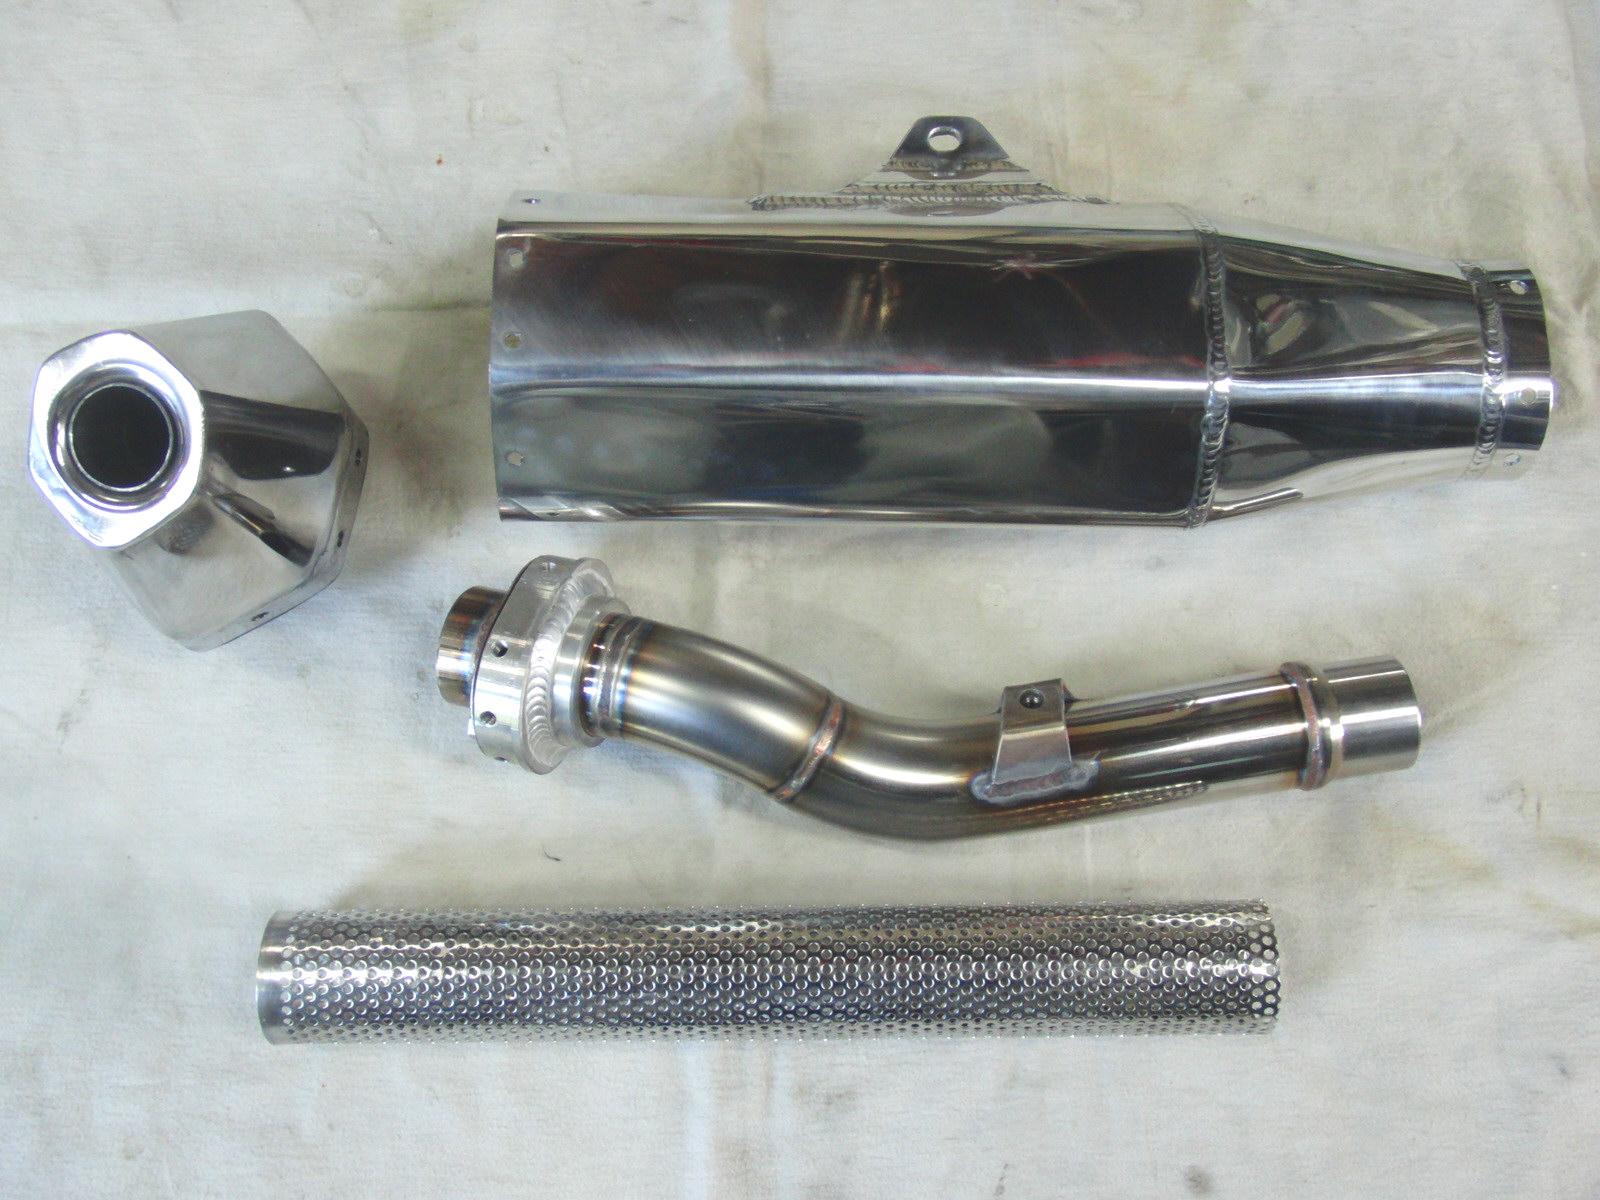 http://www.precious-factory.com/preciousfactory2010/CIMG2692.JPG